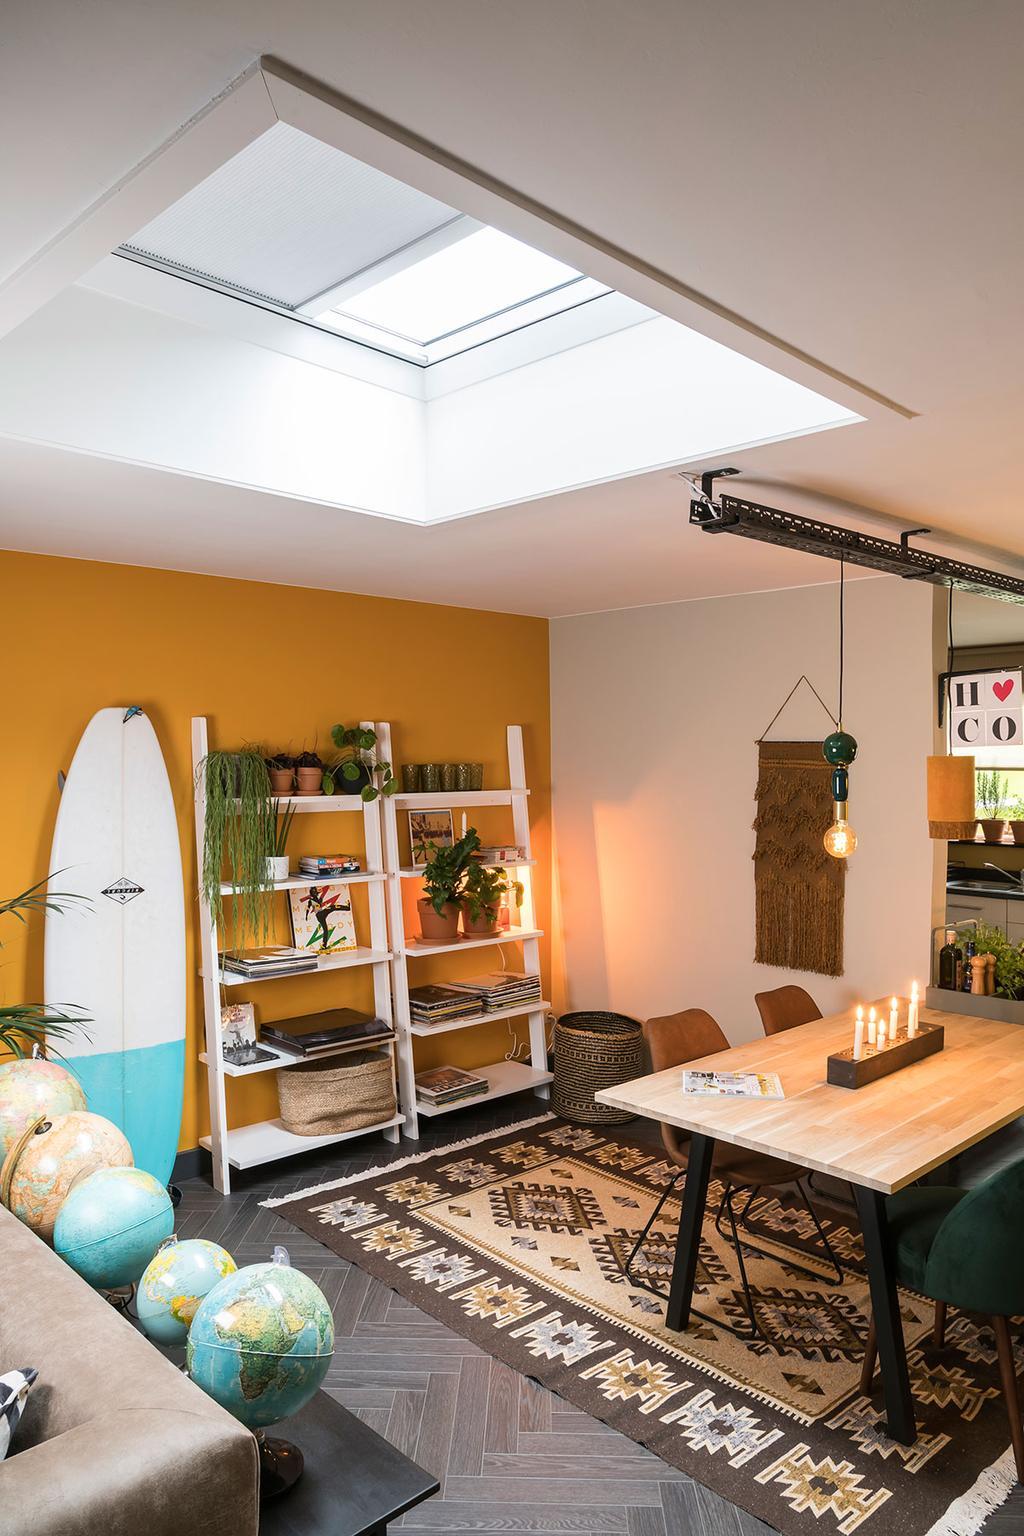 De leefruimte van Hanne met platdakvenster van Velux uit de zevende aflevering van het tweede seizoen van 'Een frisse start met vtwonen'.